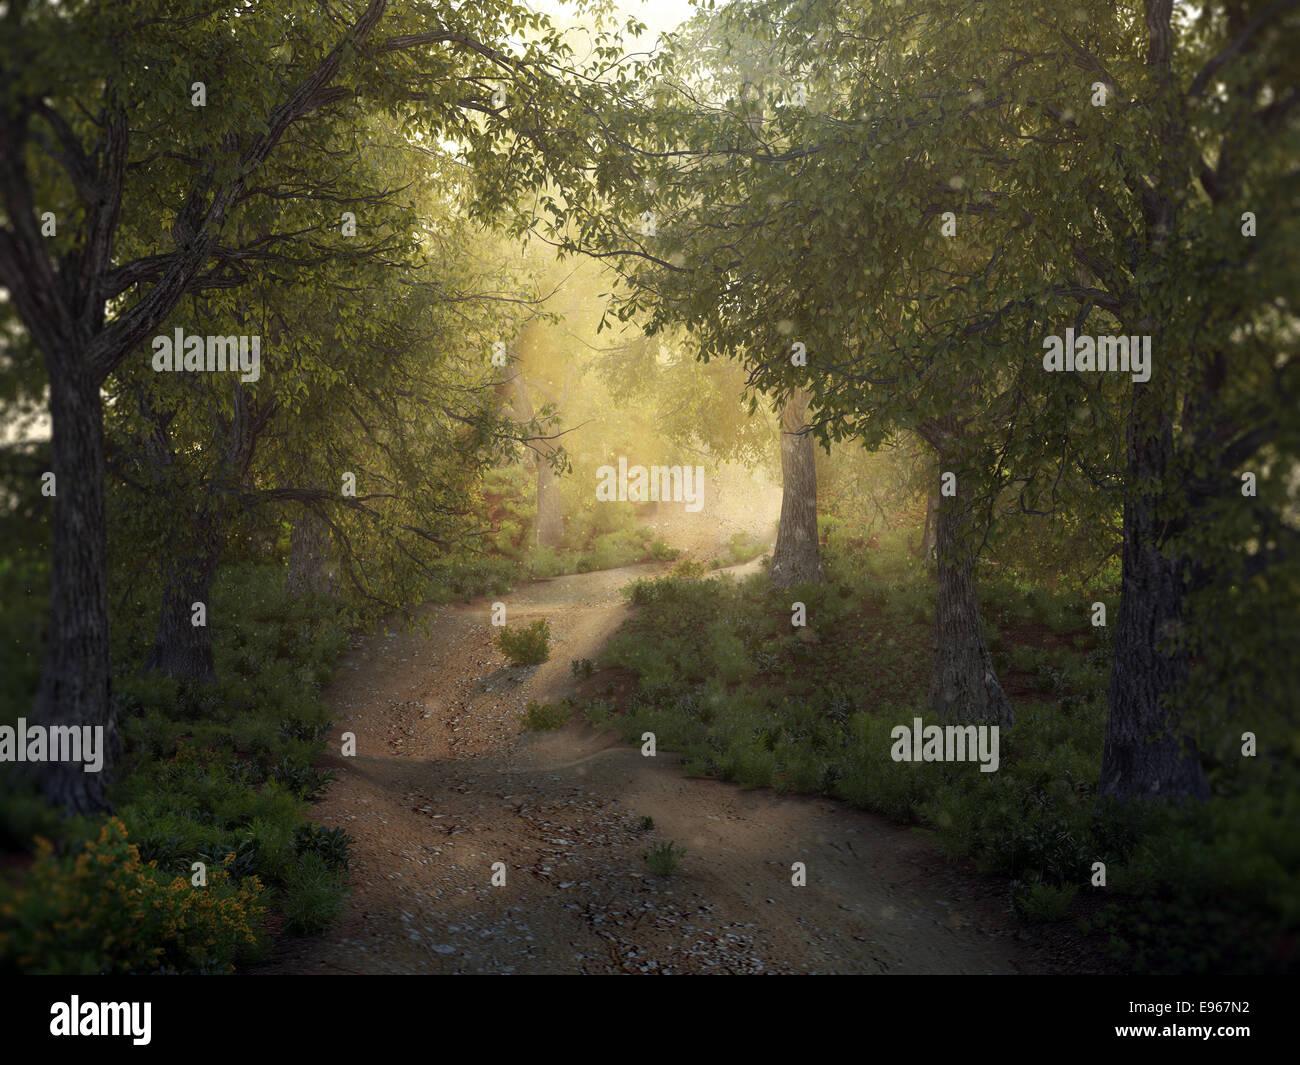 Soleil dans une forêt mysty Photo Stock